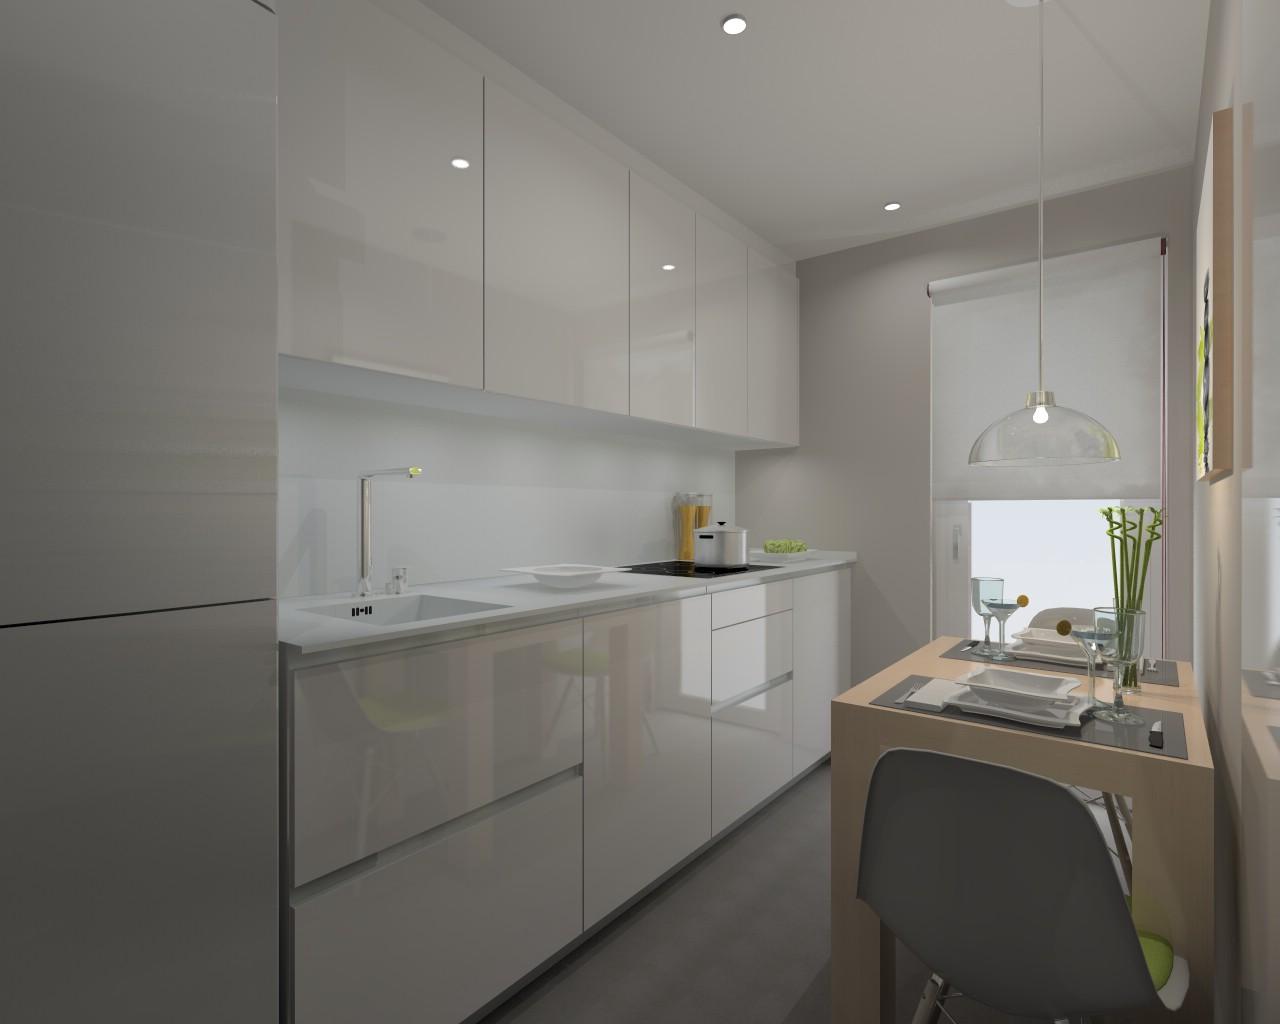 Madrid cocina santos modelo line l encimera for M s mobiliario auxiliar para tu cocina s l